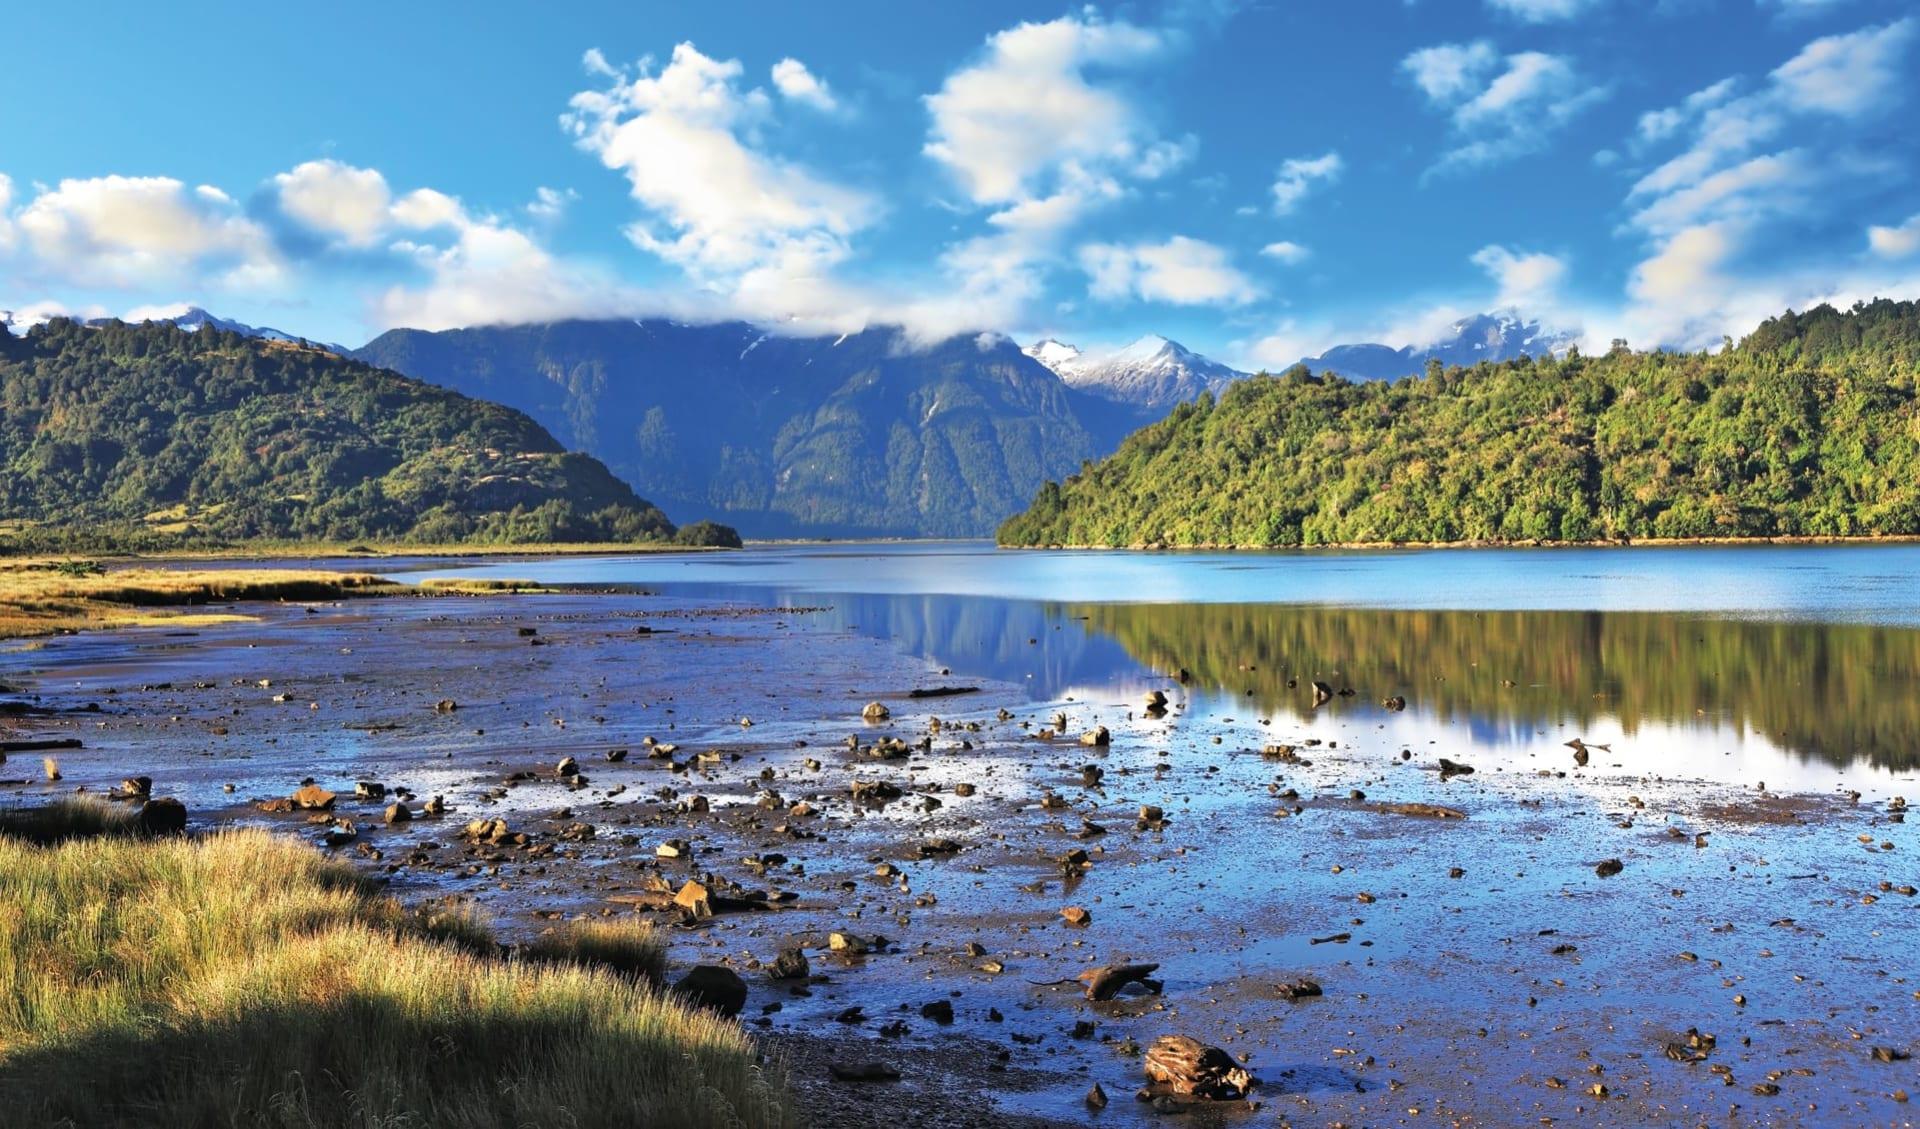 Zubucherreise Seengebiet ab Puerto Montt: Carretera Austral - See mit Wald